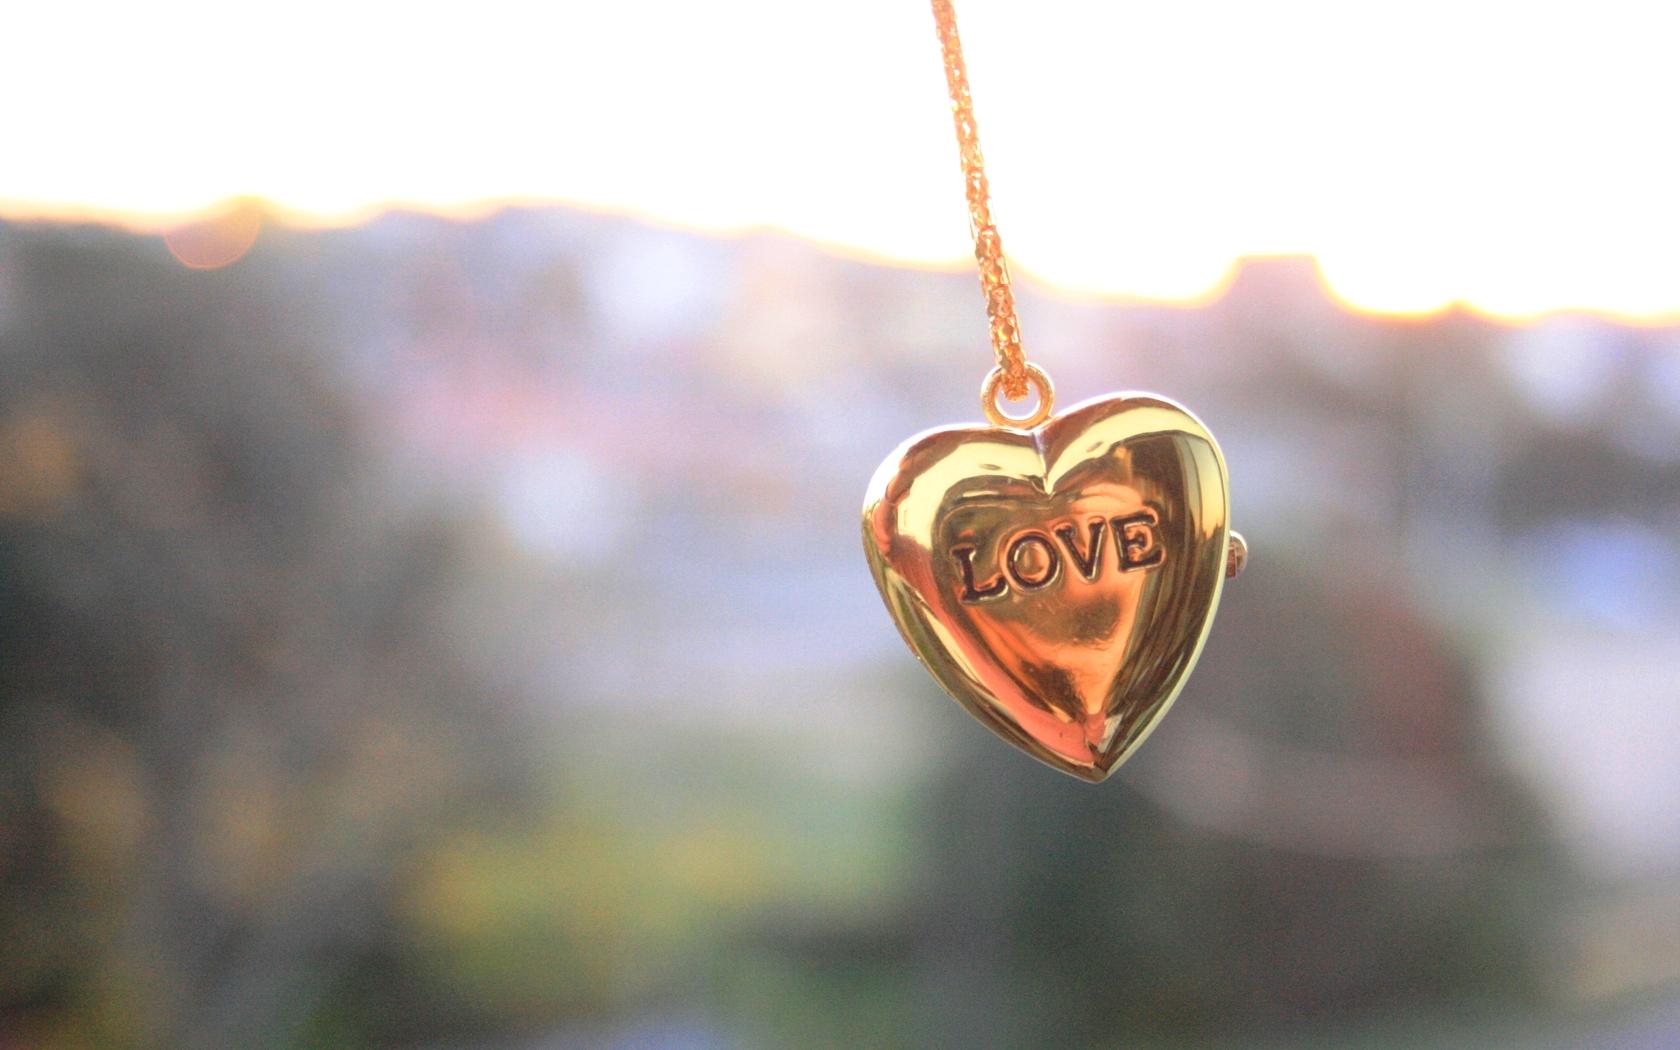 صور قلوب وحب ورومانسية وصورة قلب HD  (34)